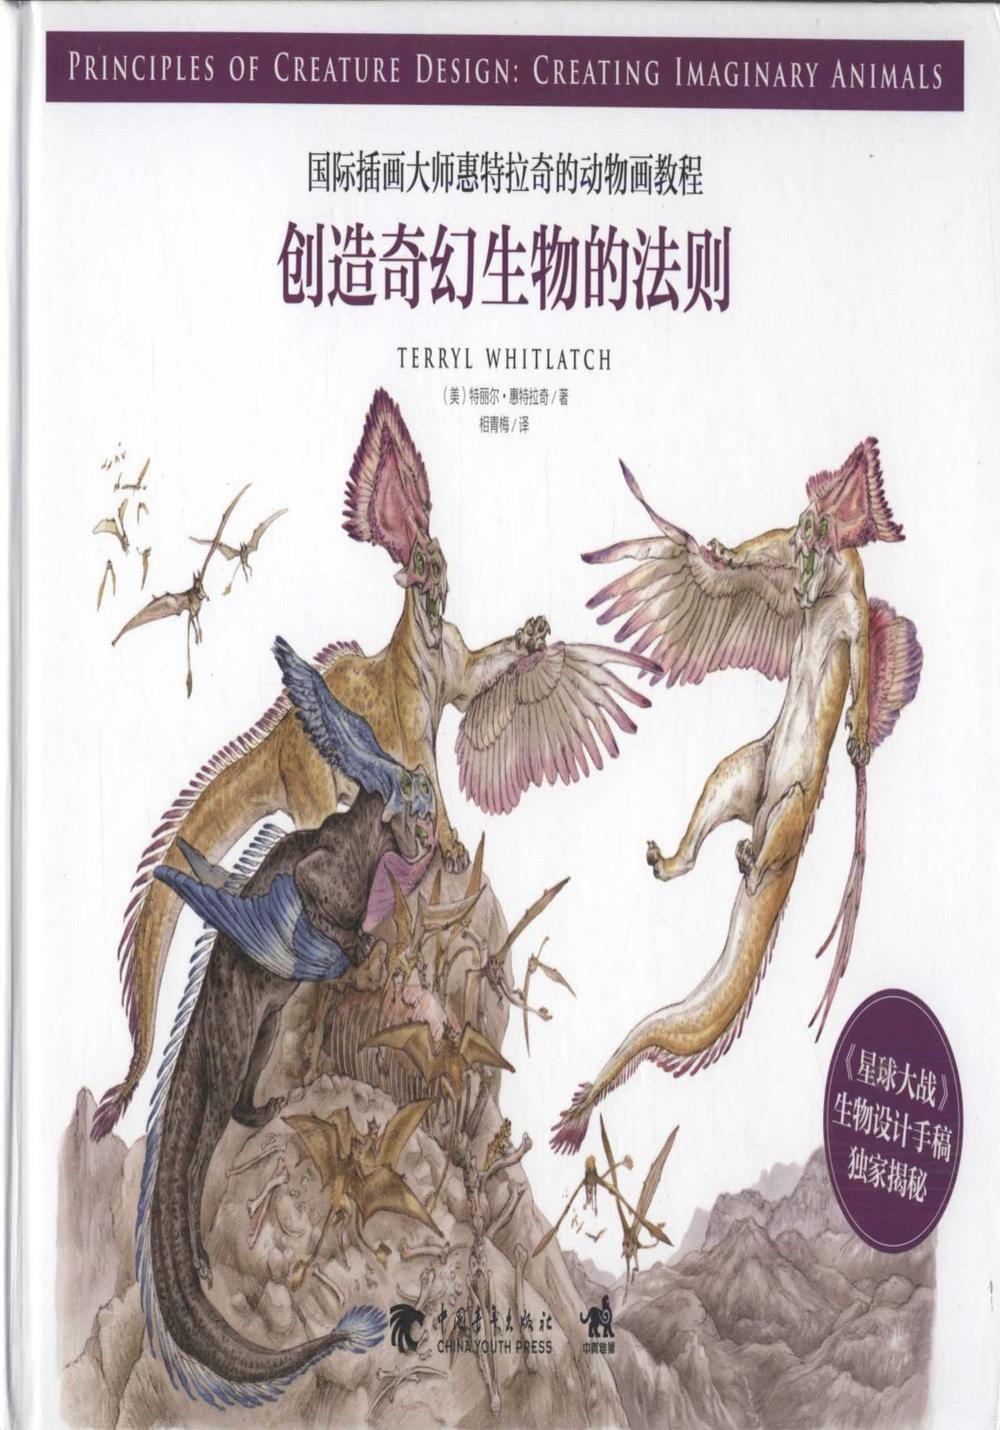 國際插畫大師惠特拉奇的動物畫教程:創造奇幻生物的法則